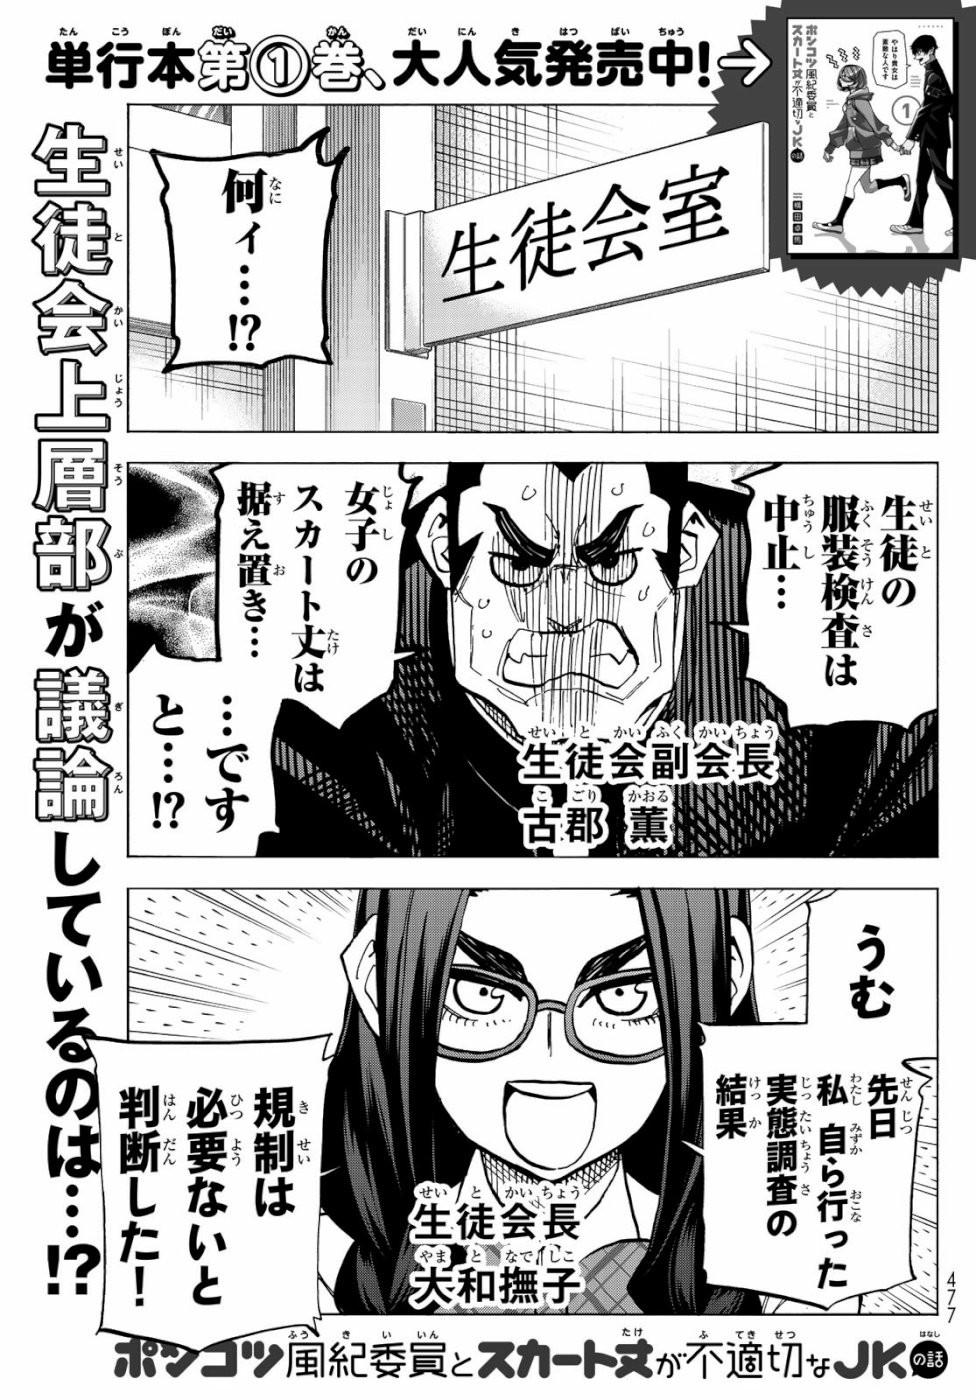 Ponkotsu-Fuukiin-to-Skirt-Take-ga-Futekisetsu-na-JK-no-Hanashi - Chapter 008 - Page 1